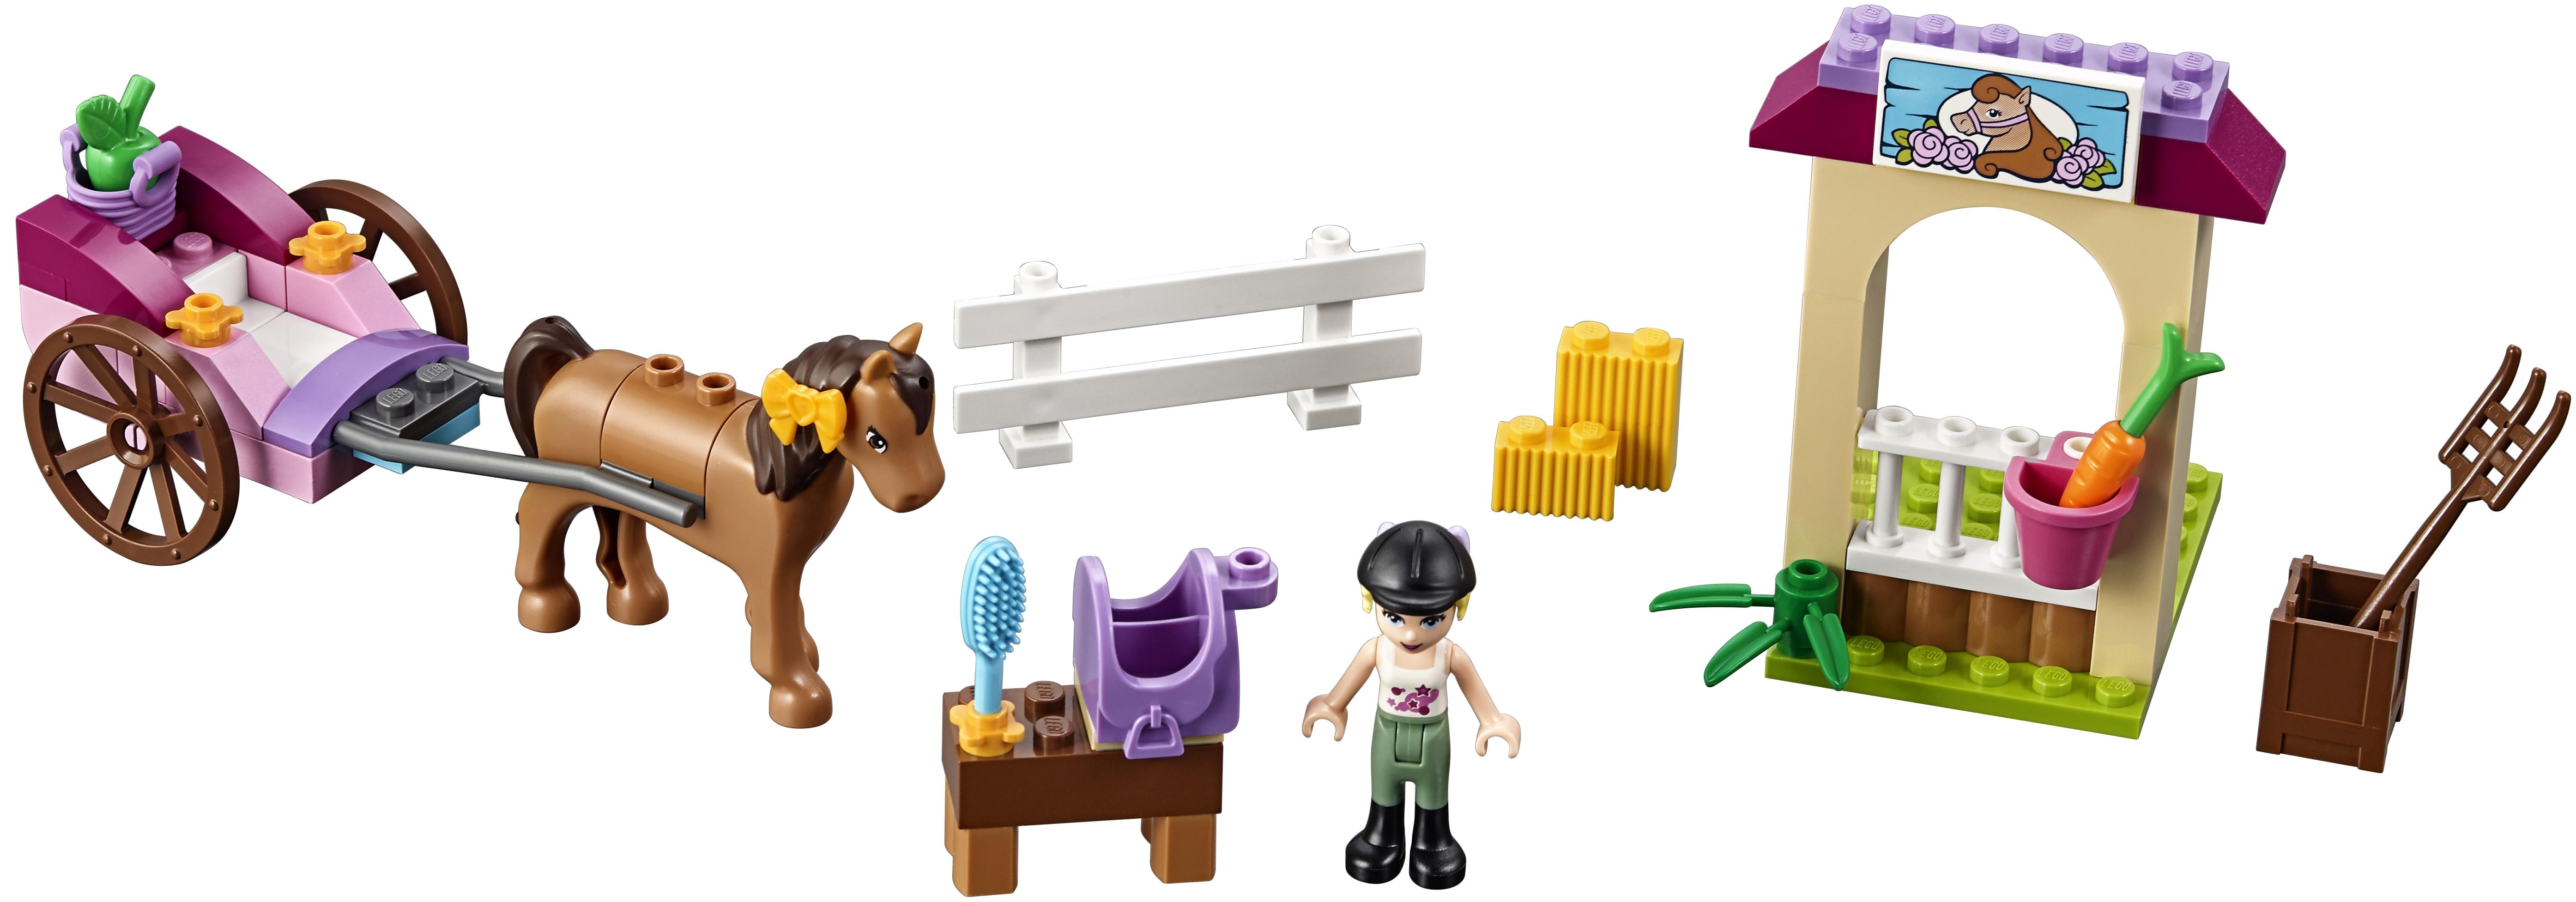 Купить LEGO, 10726 Карета Стефани, Китай, Мультиколор, Женский